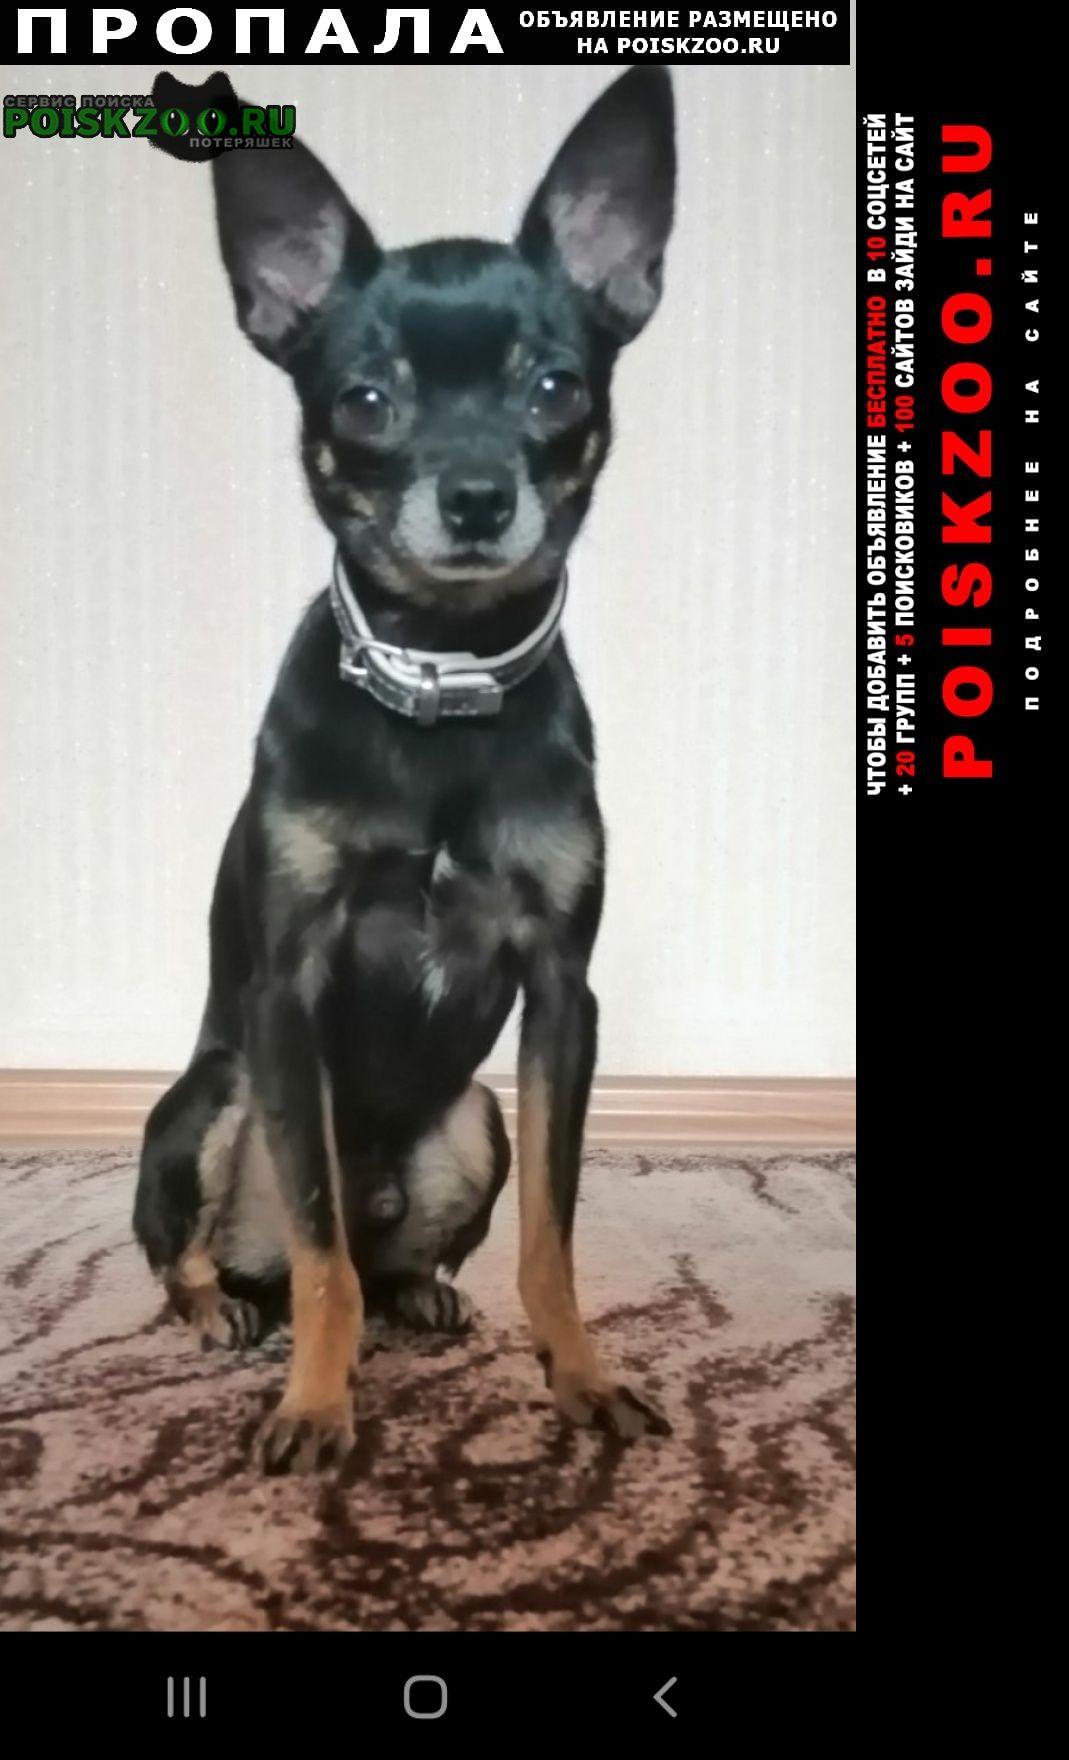 Пропала собака кобель мини русский той терьер. Челябинск